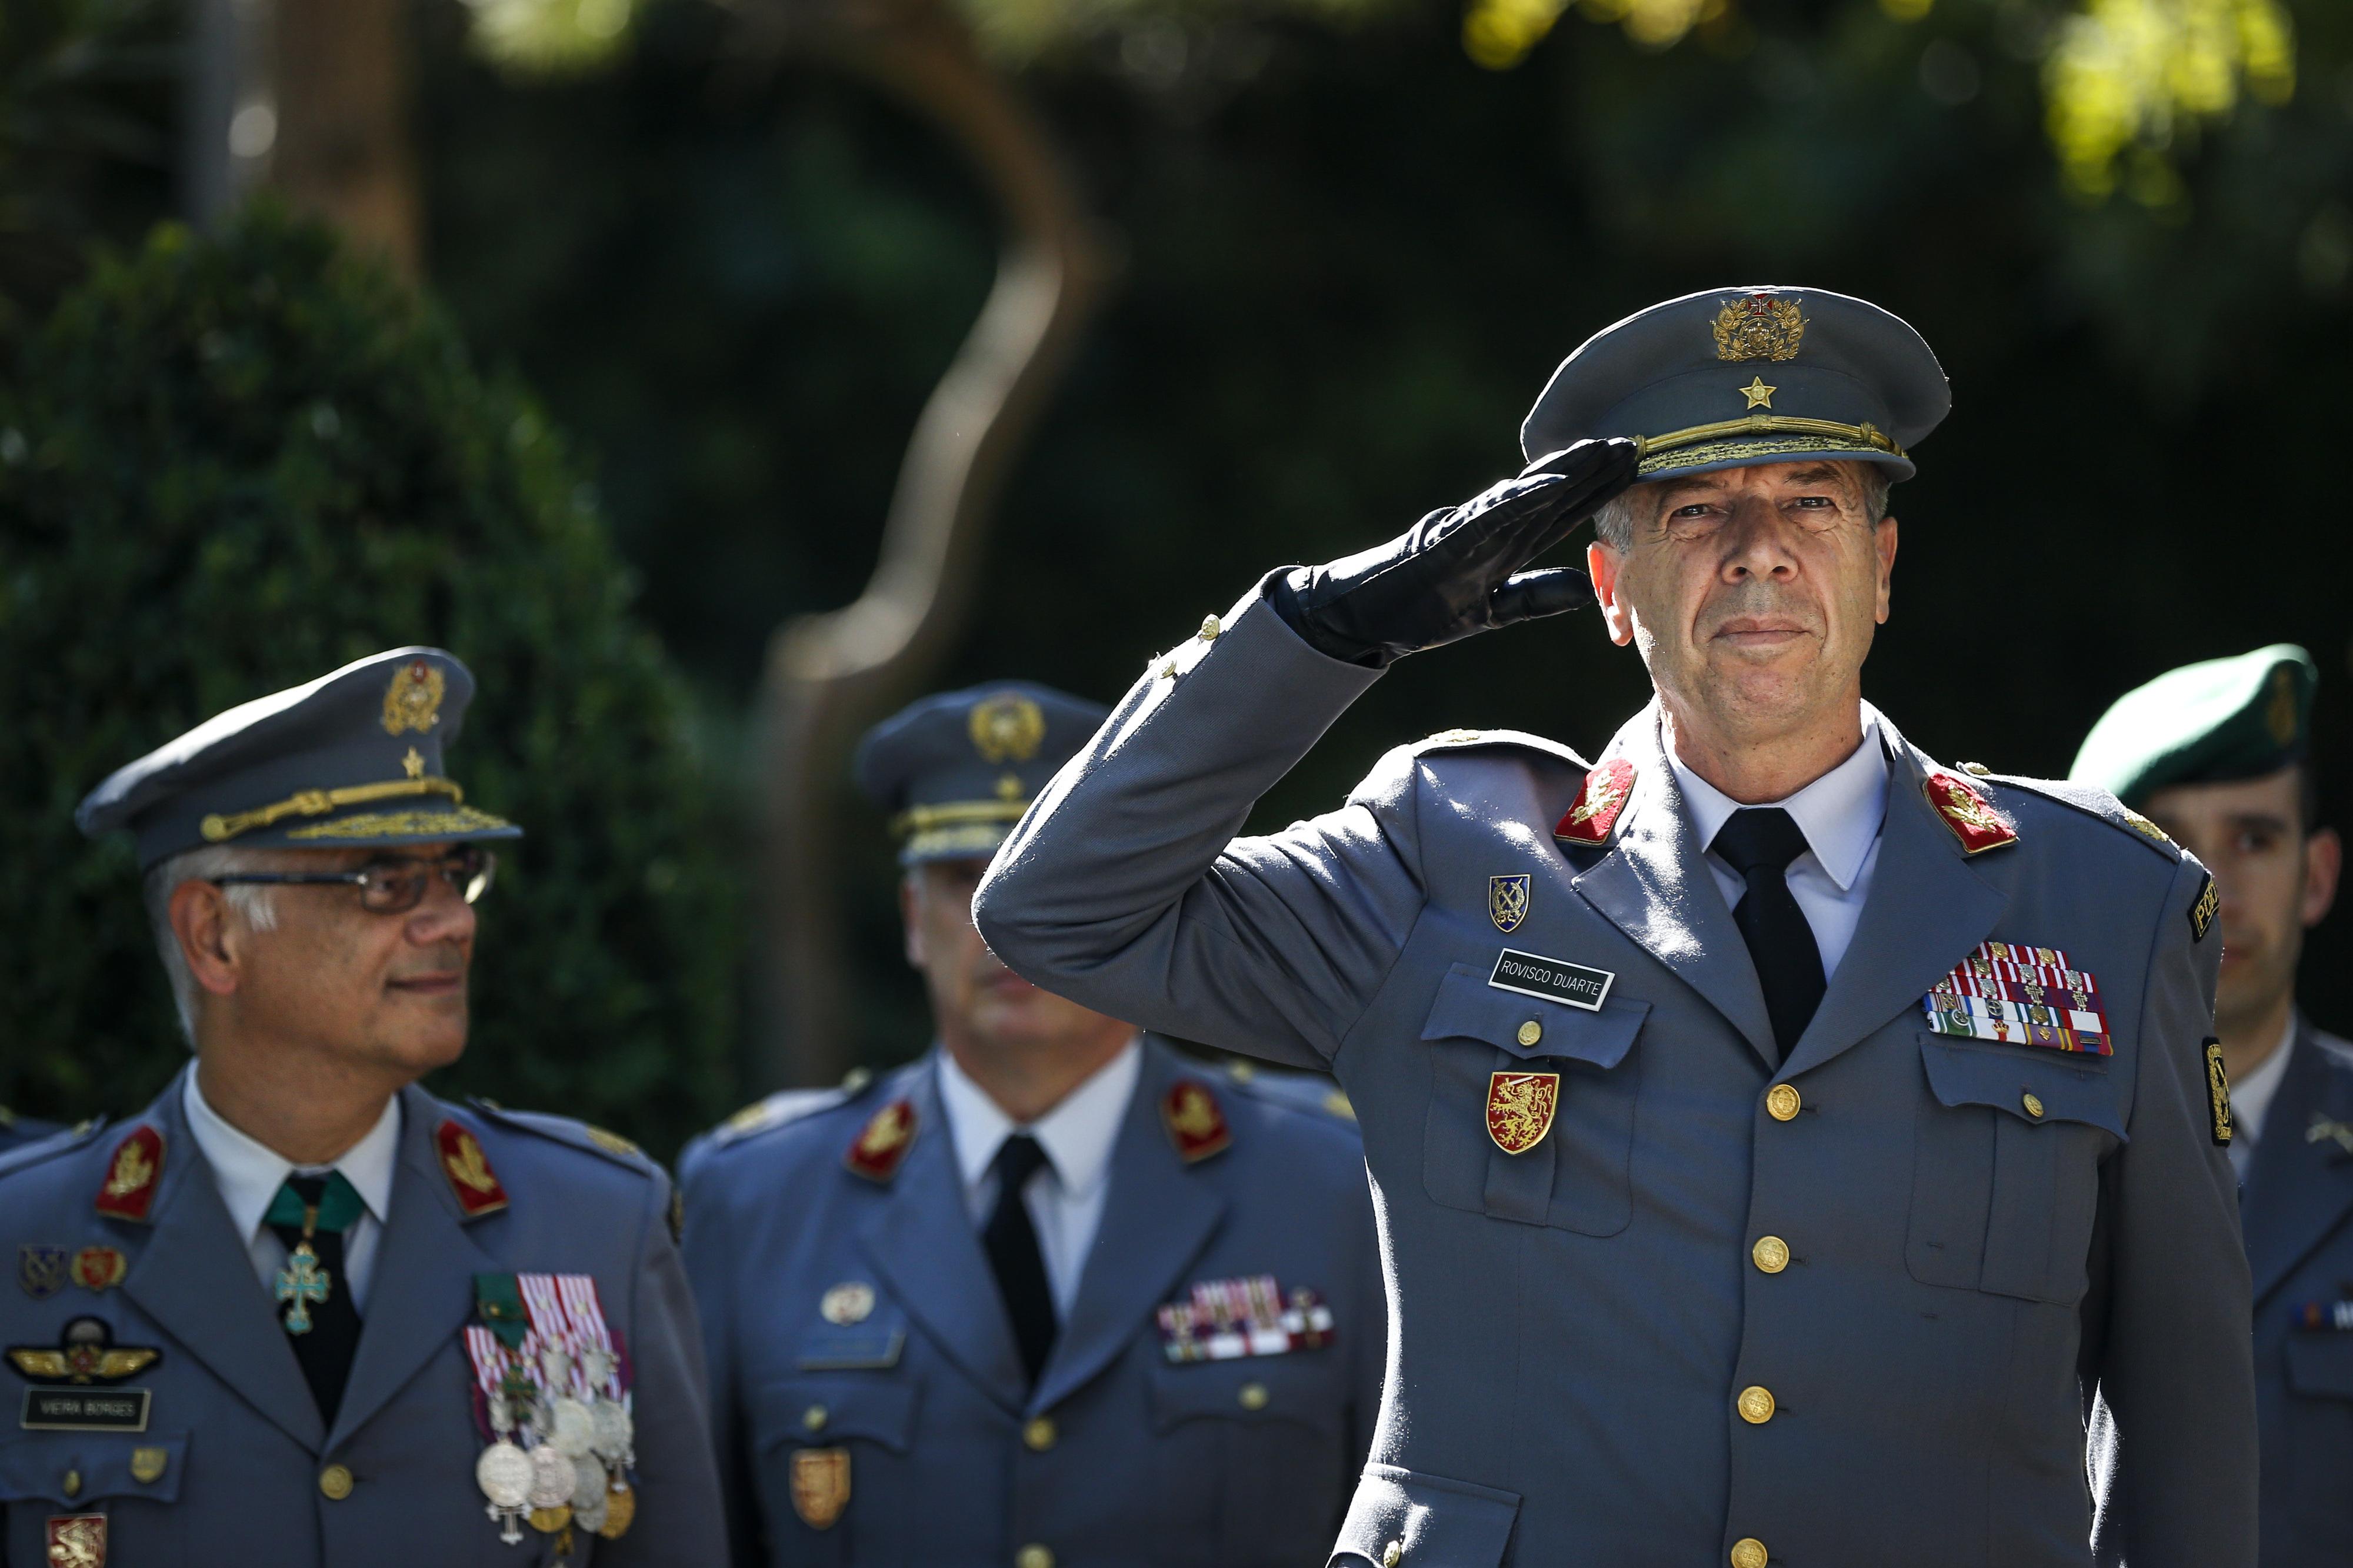 Presidente recebeu pedido de resignação do Chefe do Estado-Maior do Exército